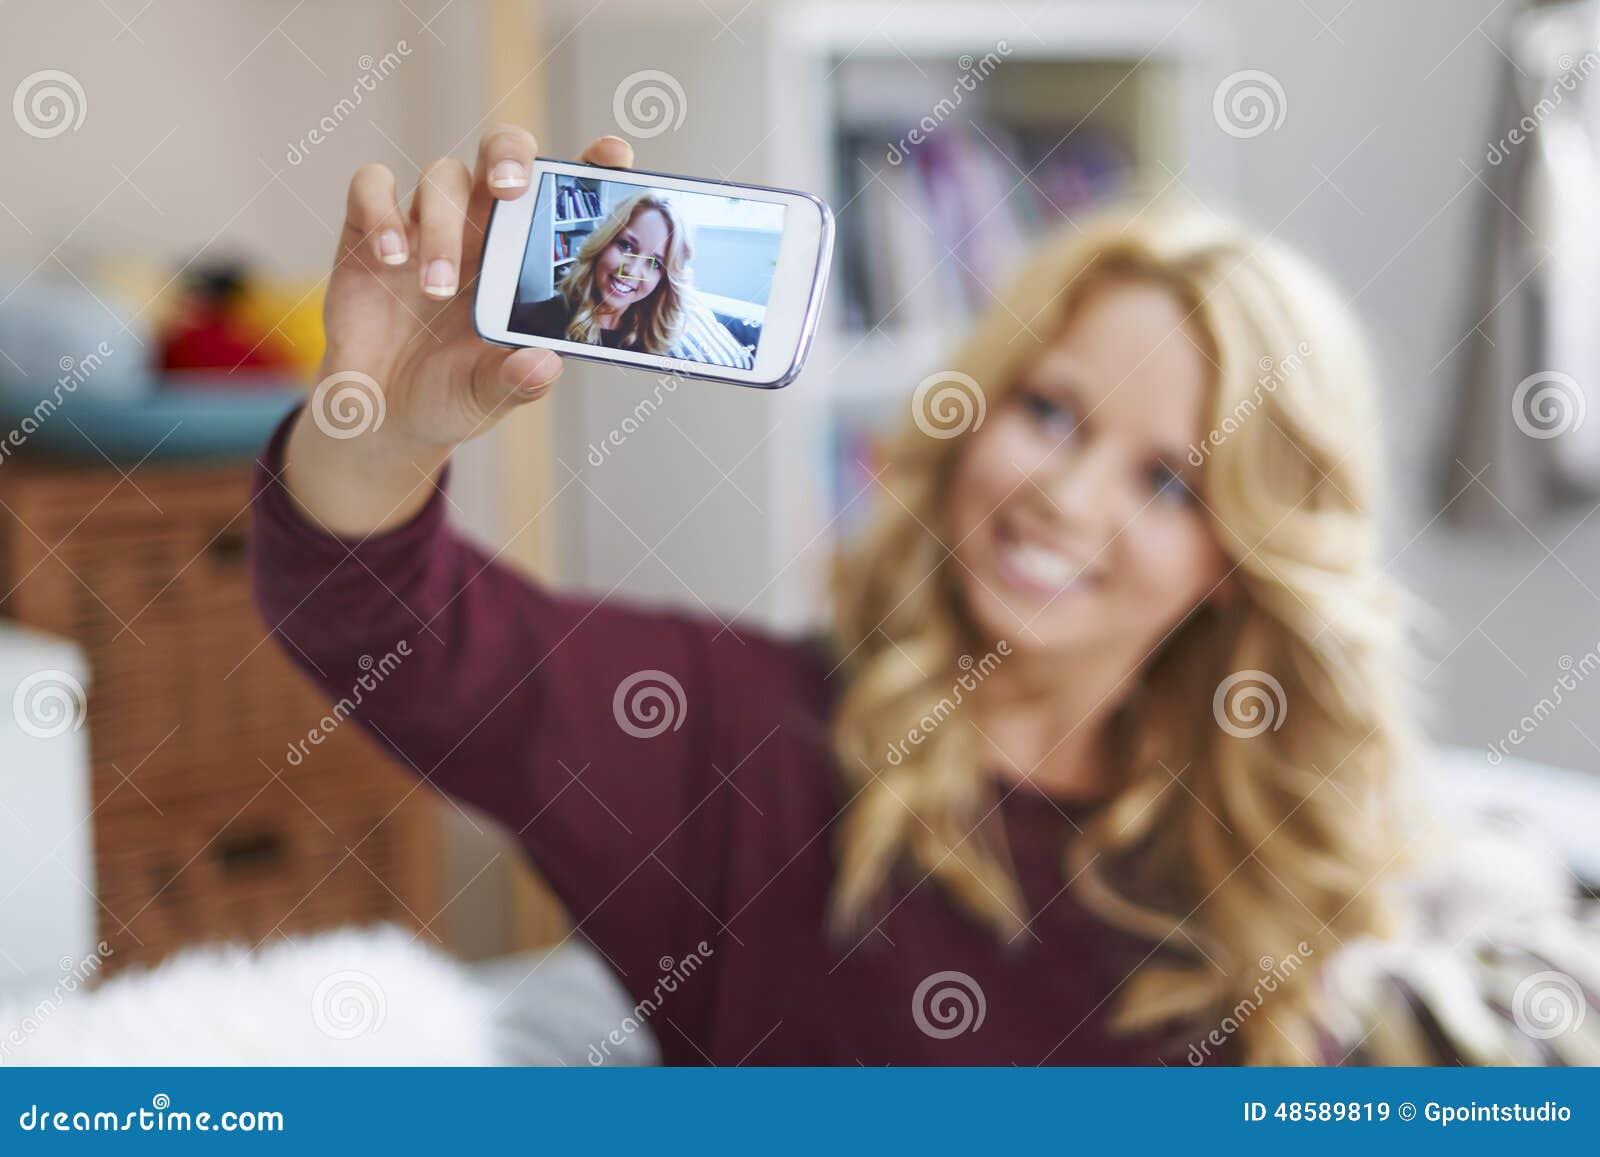 enjoy live sex cams free live for genuine